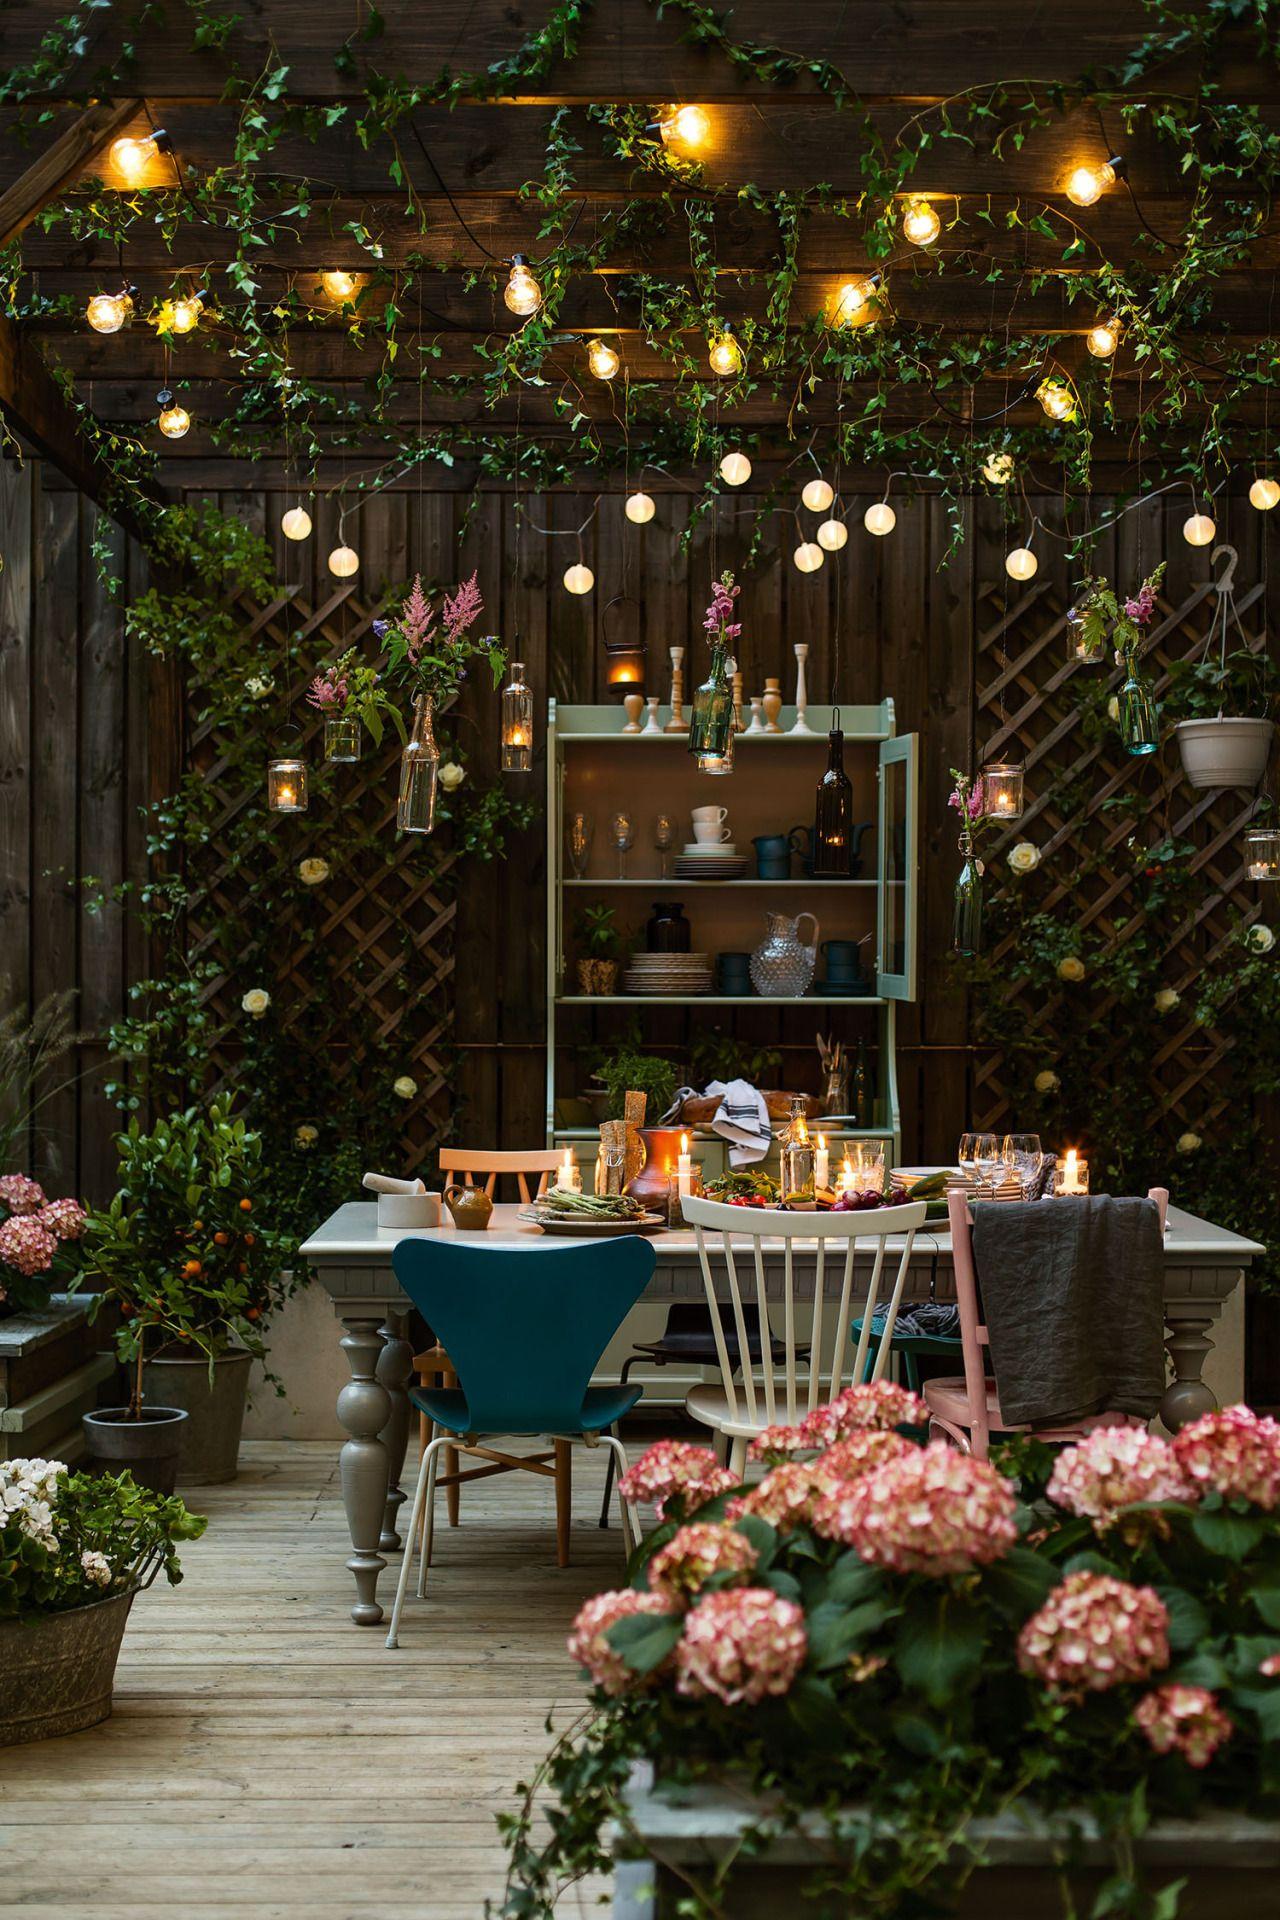 espacios exteriores con unas luces y las paredes de madera con ...